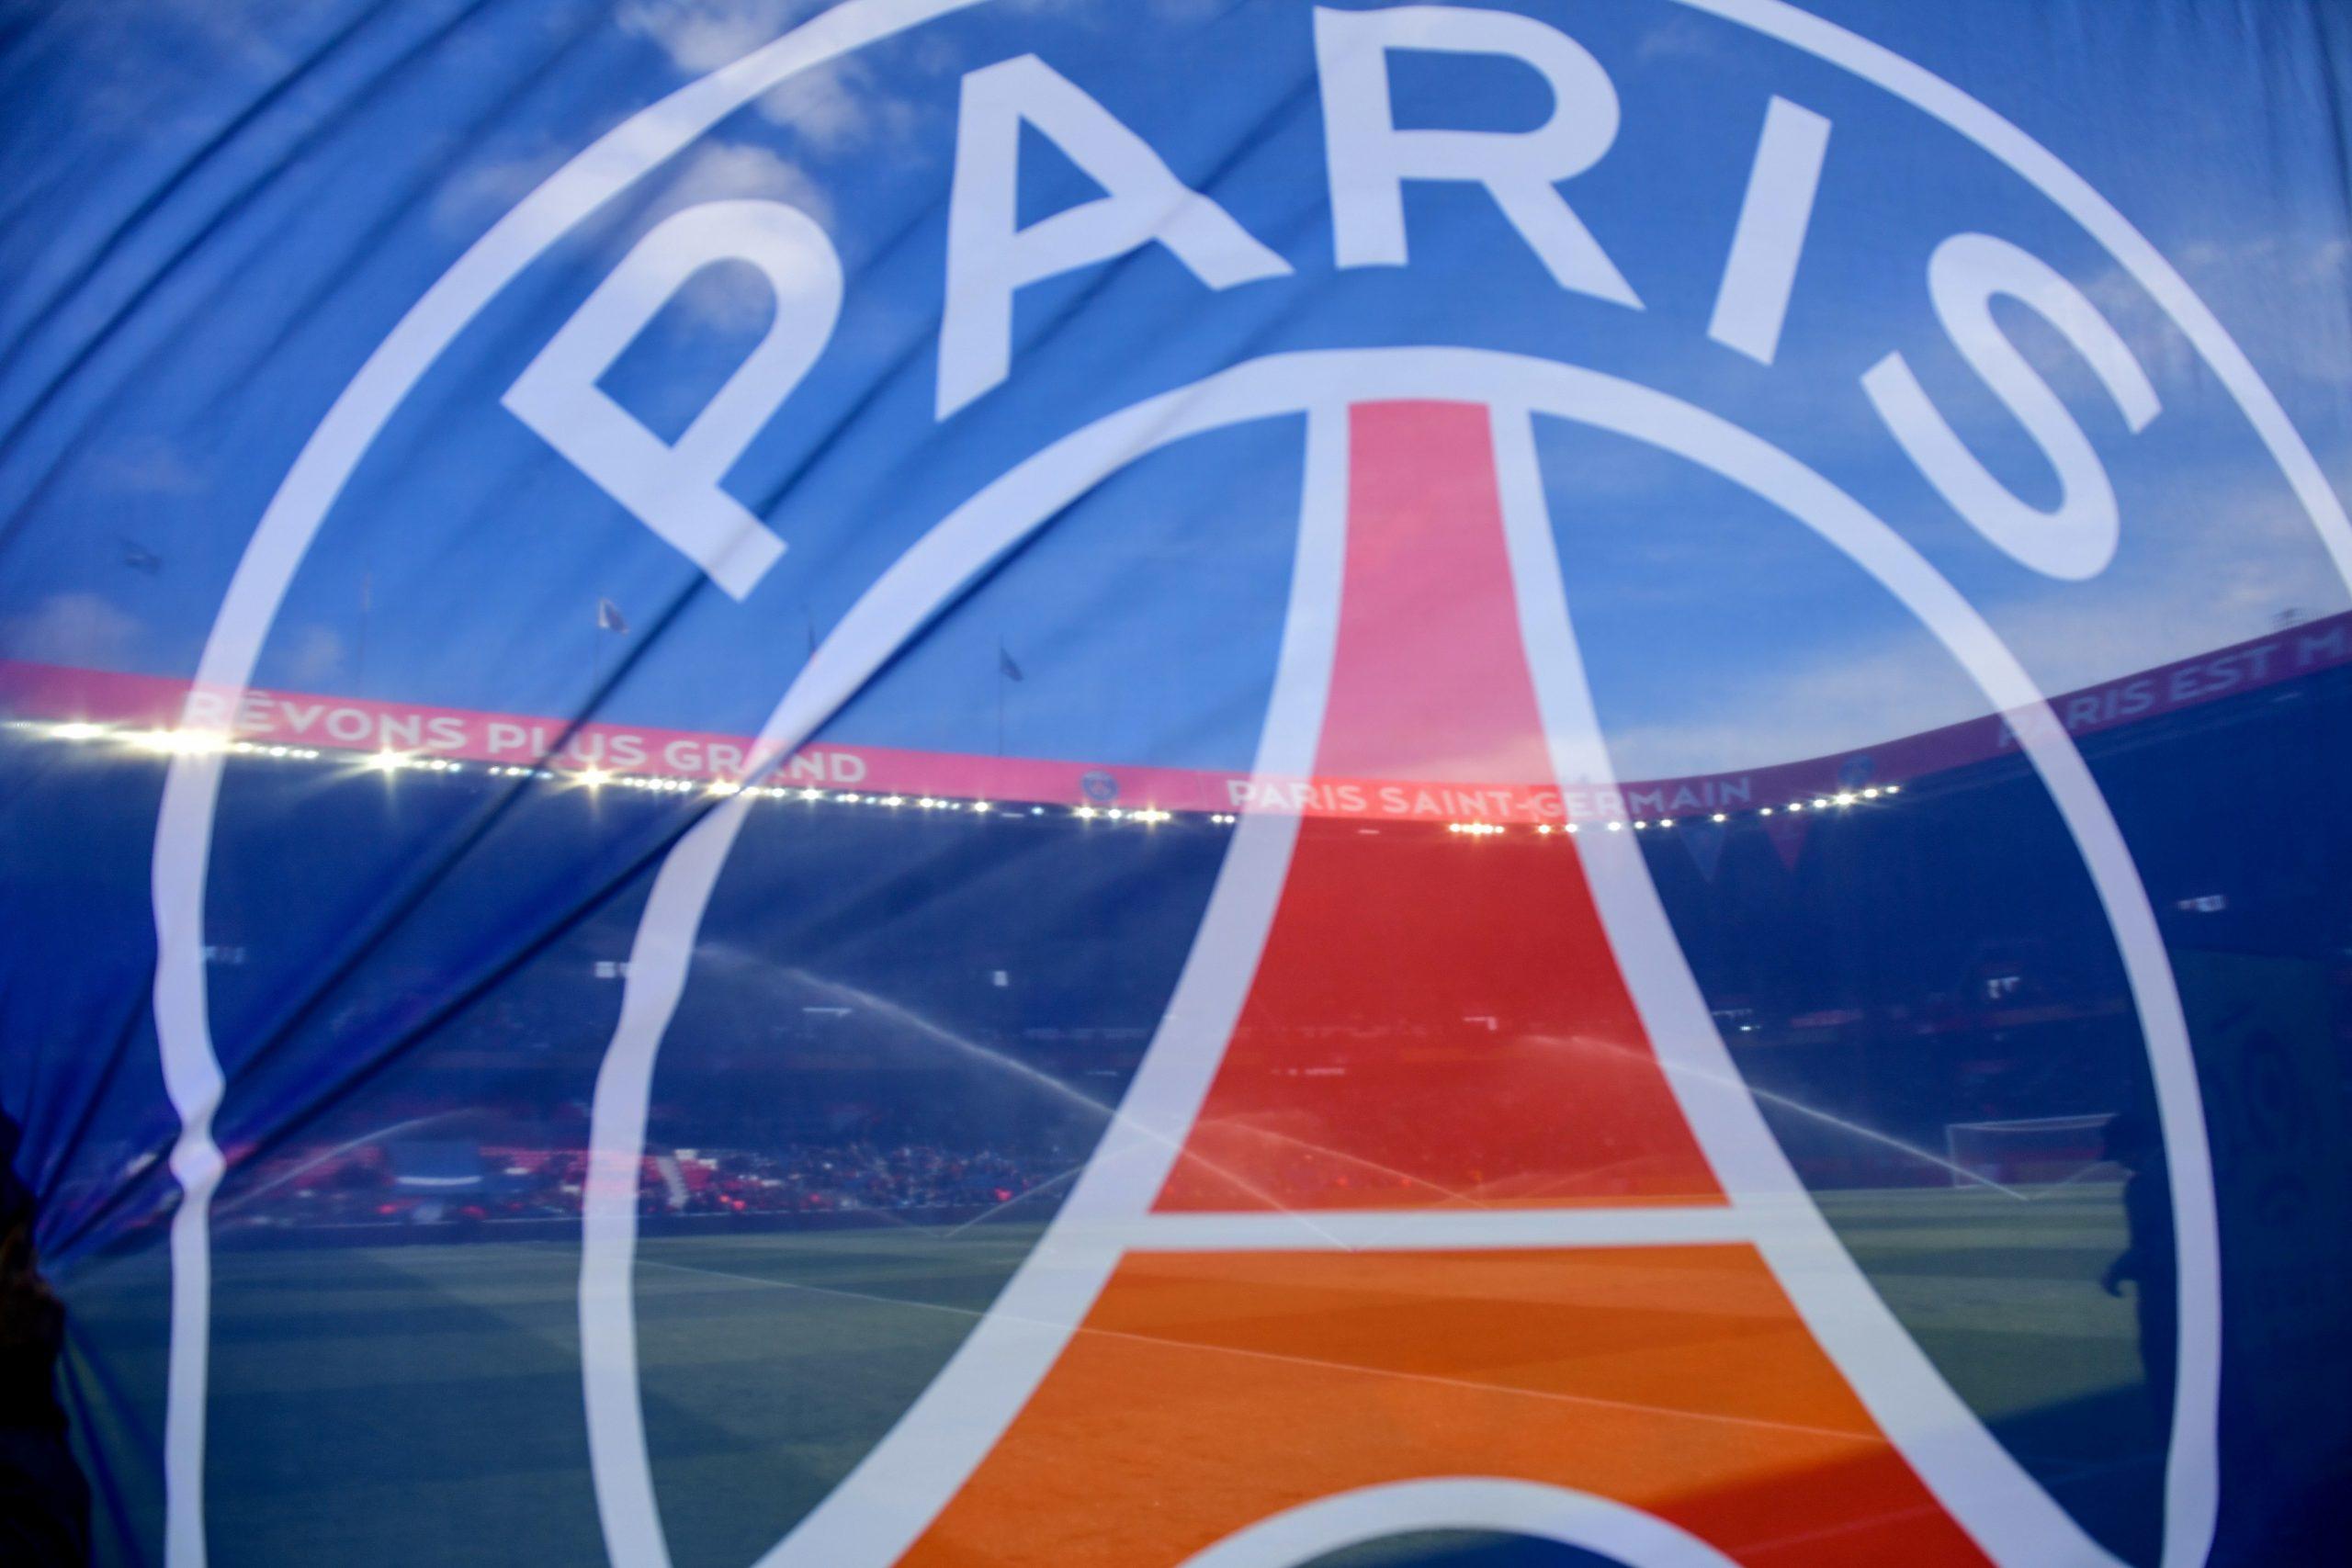 Les images du PSG ce samedi : travail à la maison et Coupe de la Ligue